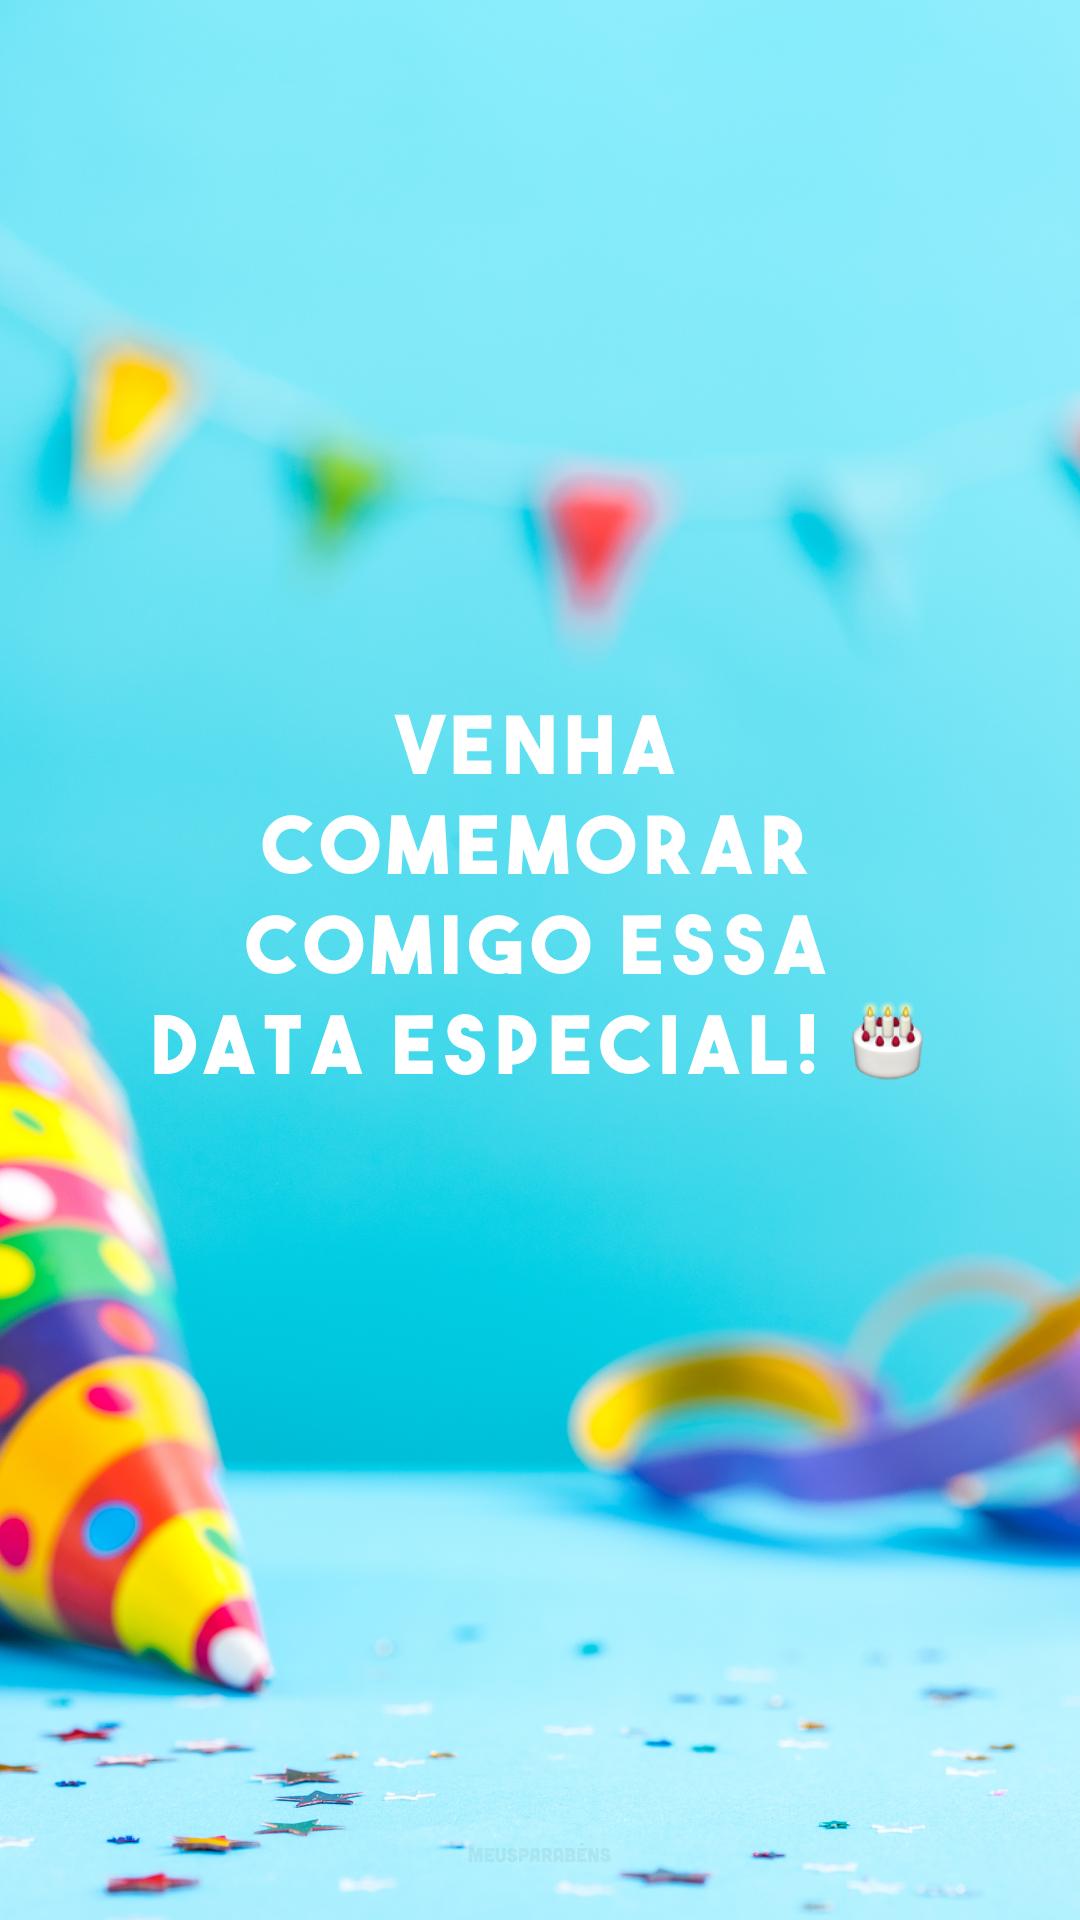 Venha comemorar comigo essa data especial! 🎂